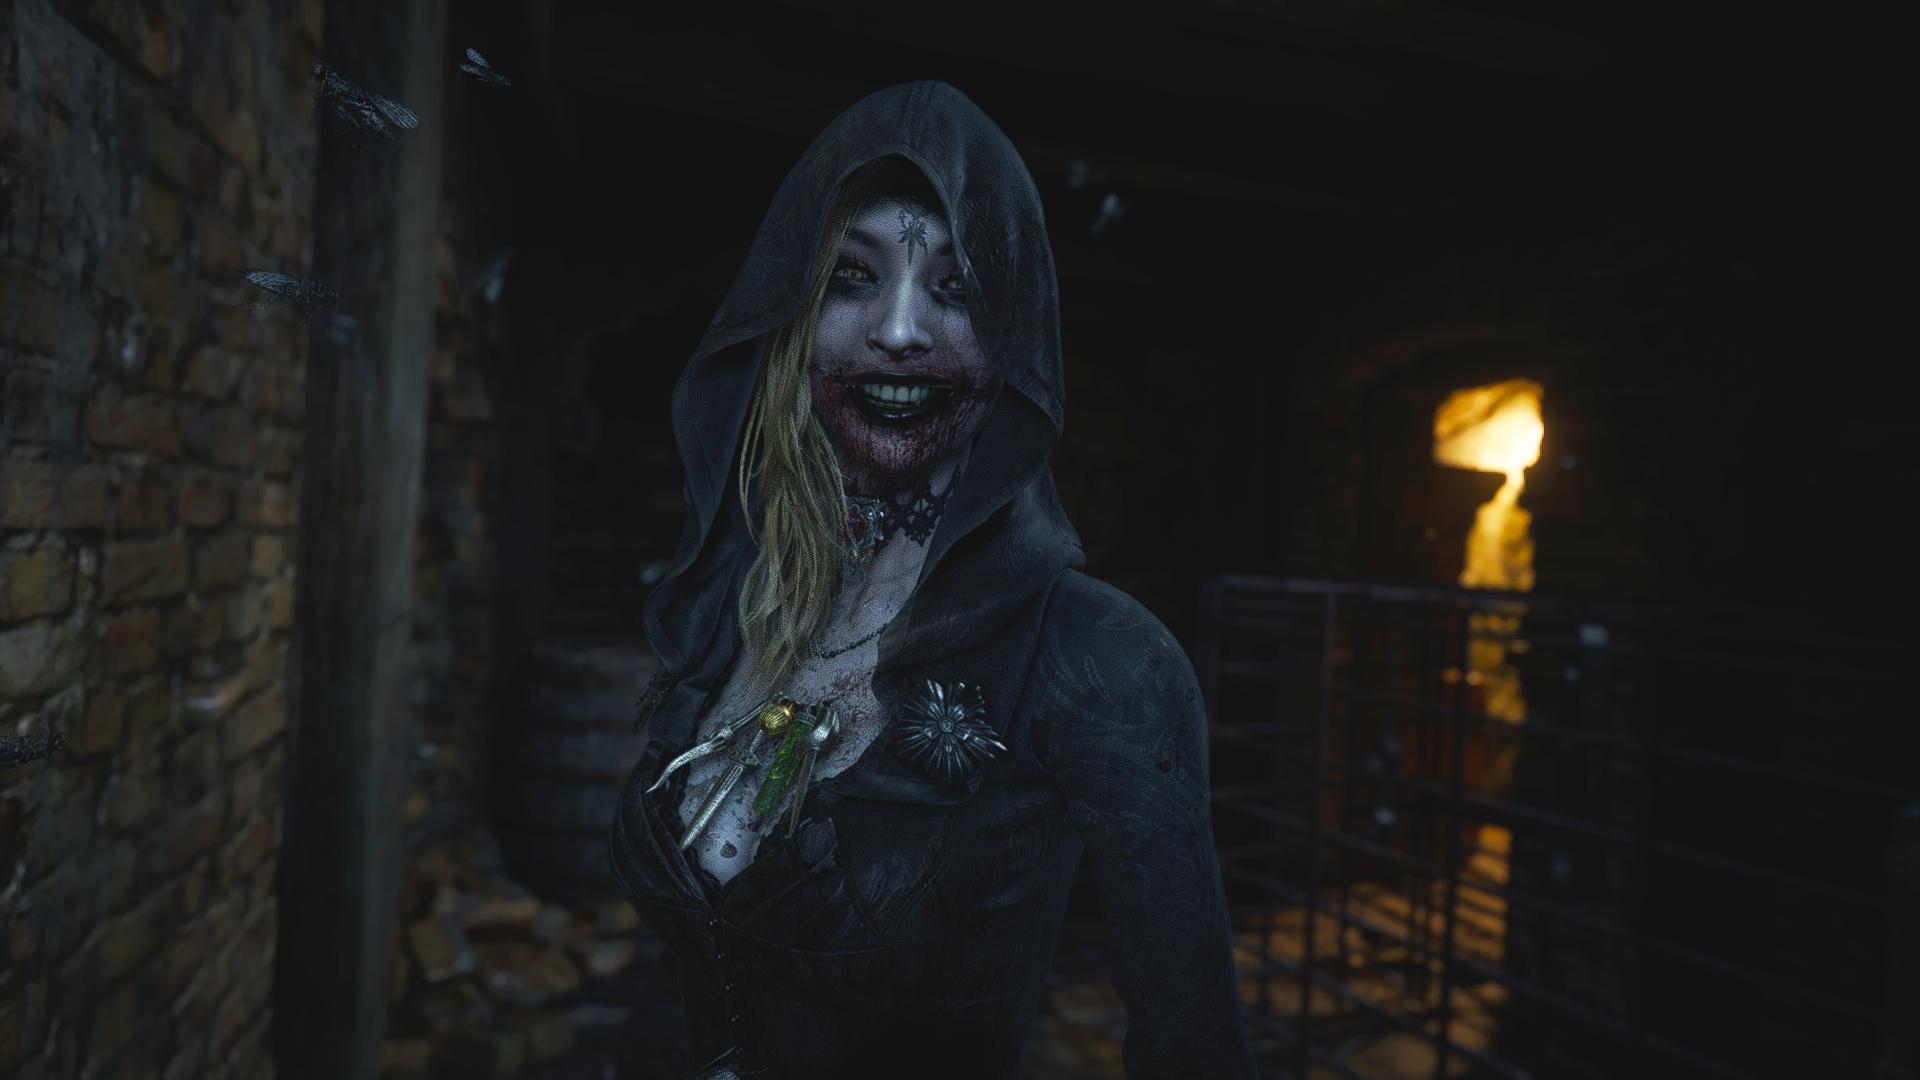 resident evil village - Resident Evil: Village